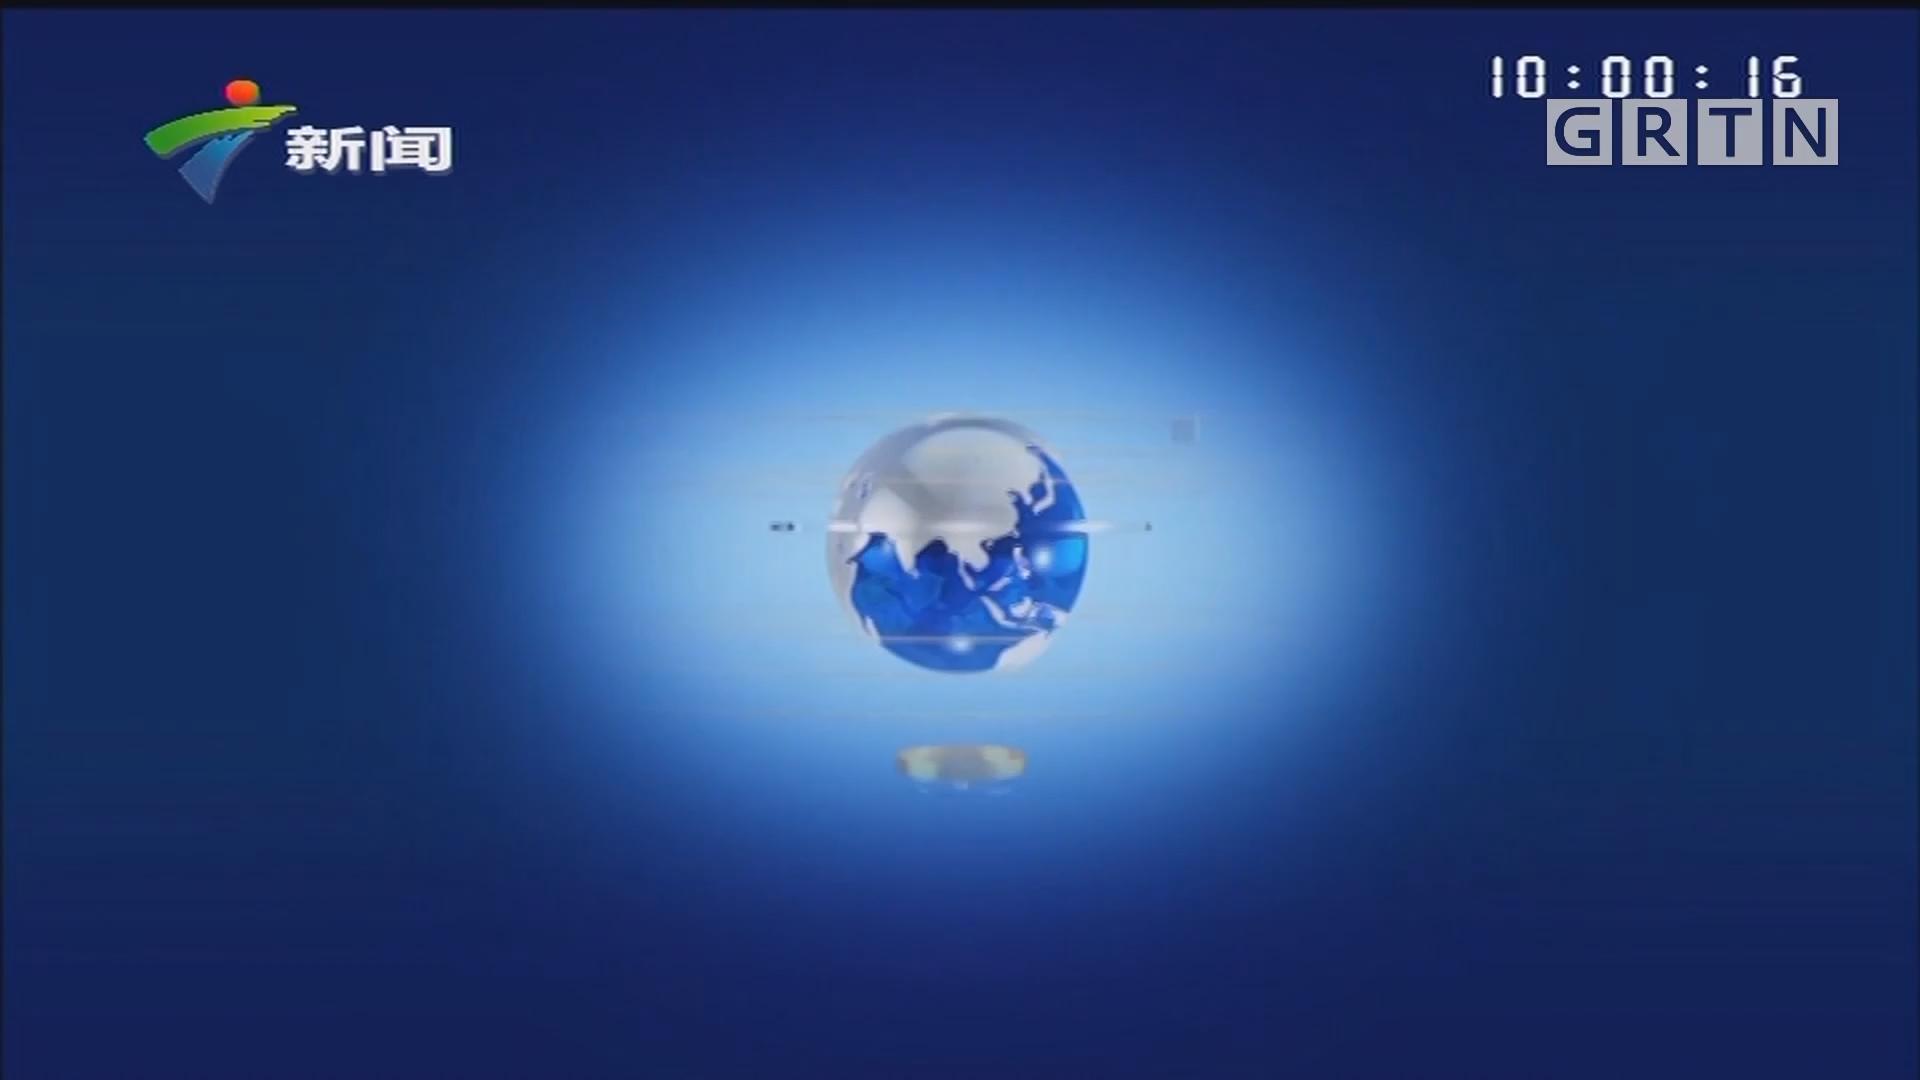 [HD][2019-11-05]正点播报:上海第二届进博会今日开幕 中央广播电视总台进行全方位创新报道